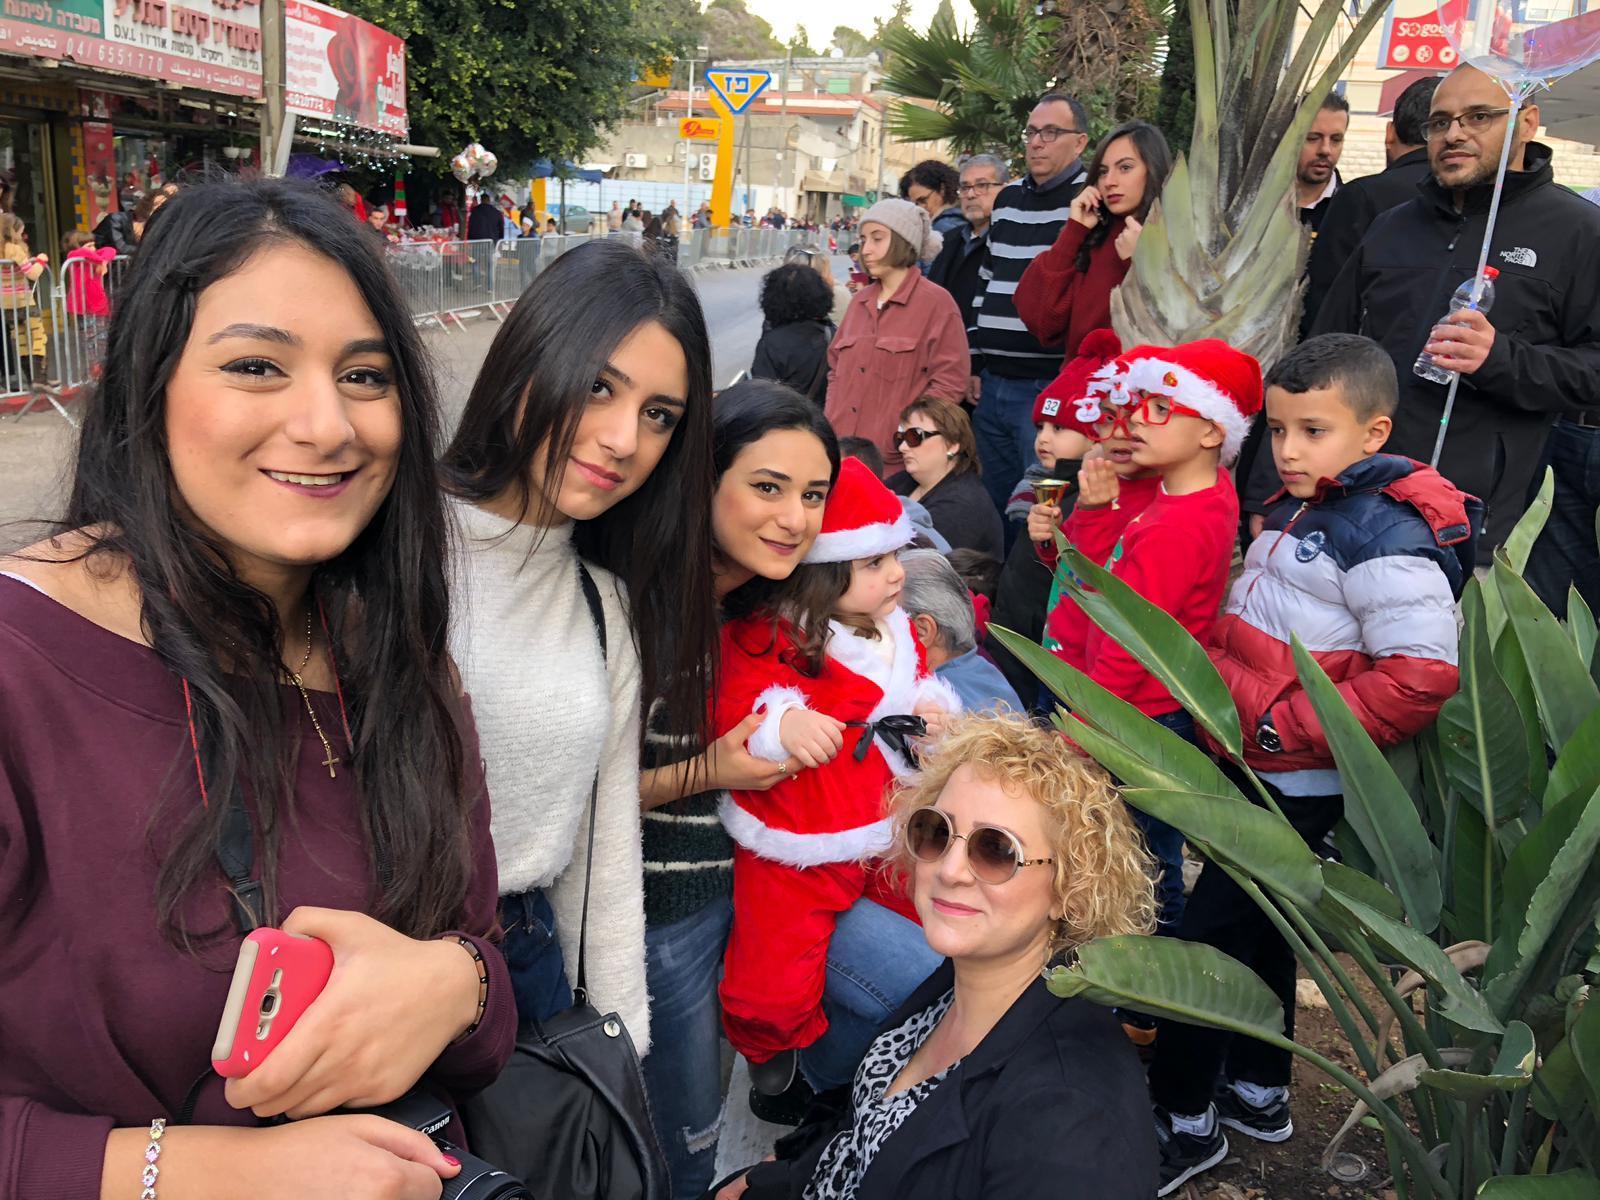 الناصرة: مشاركة واسعة في مسيرة عيد الميلاد المجيد